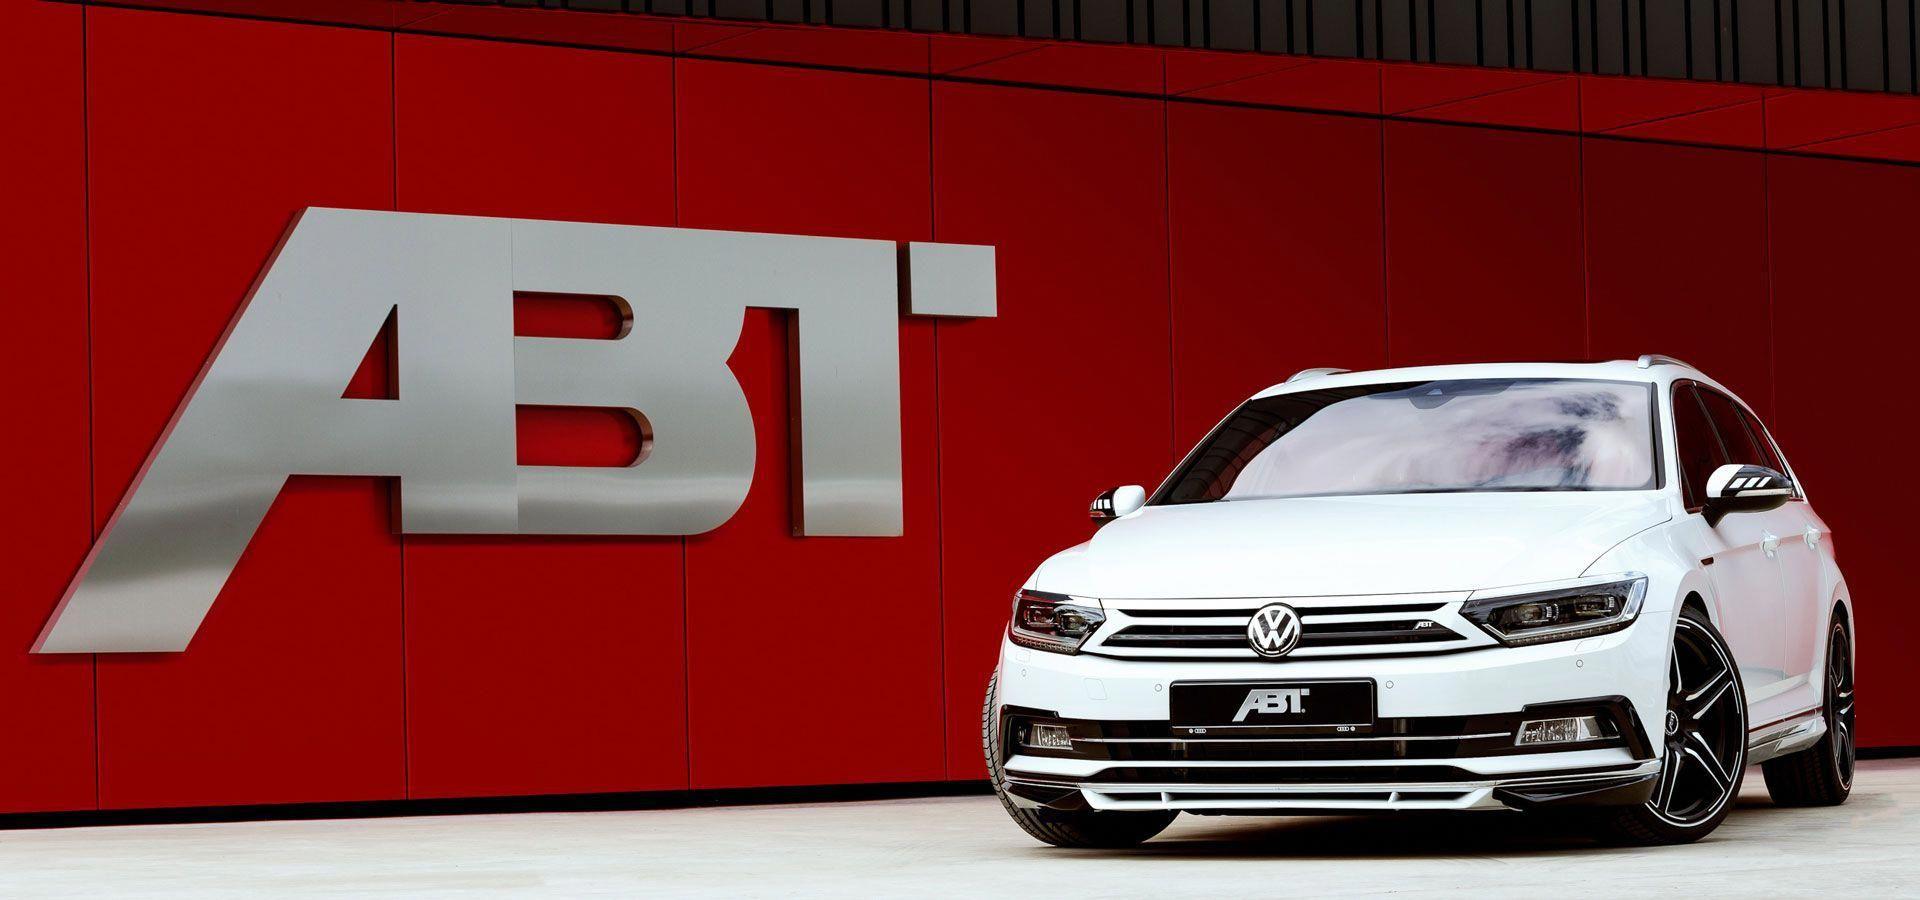 Vw Passat Abt Sportsline Customvwpassat Vw Passat Volkswagen Passat Volkswagen